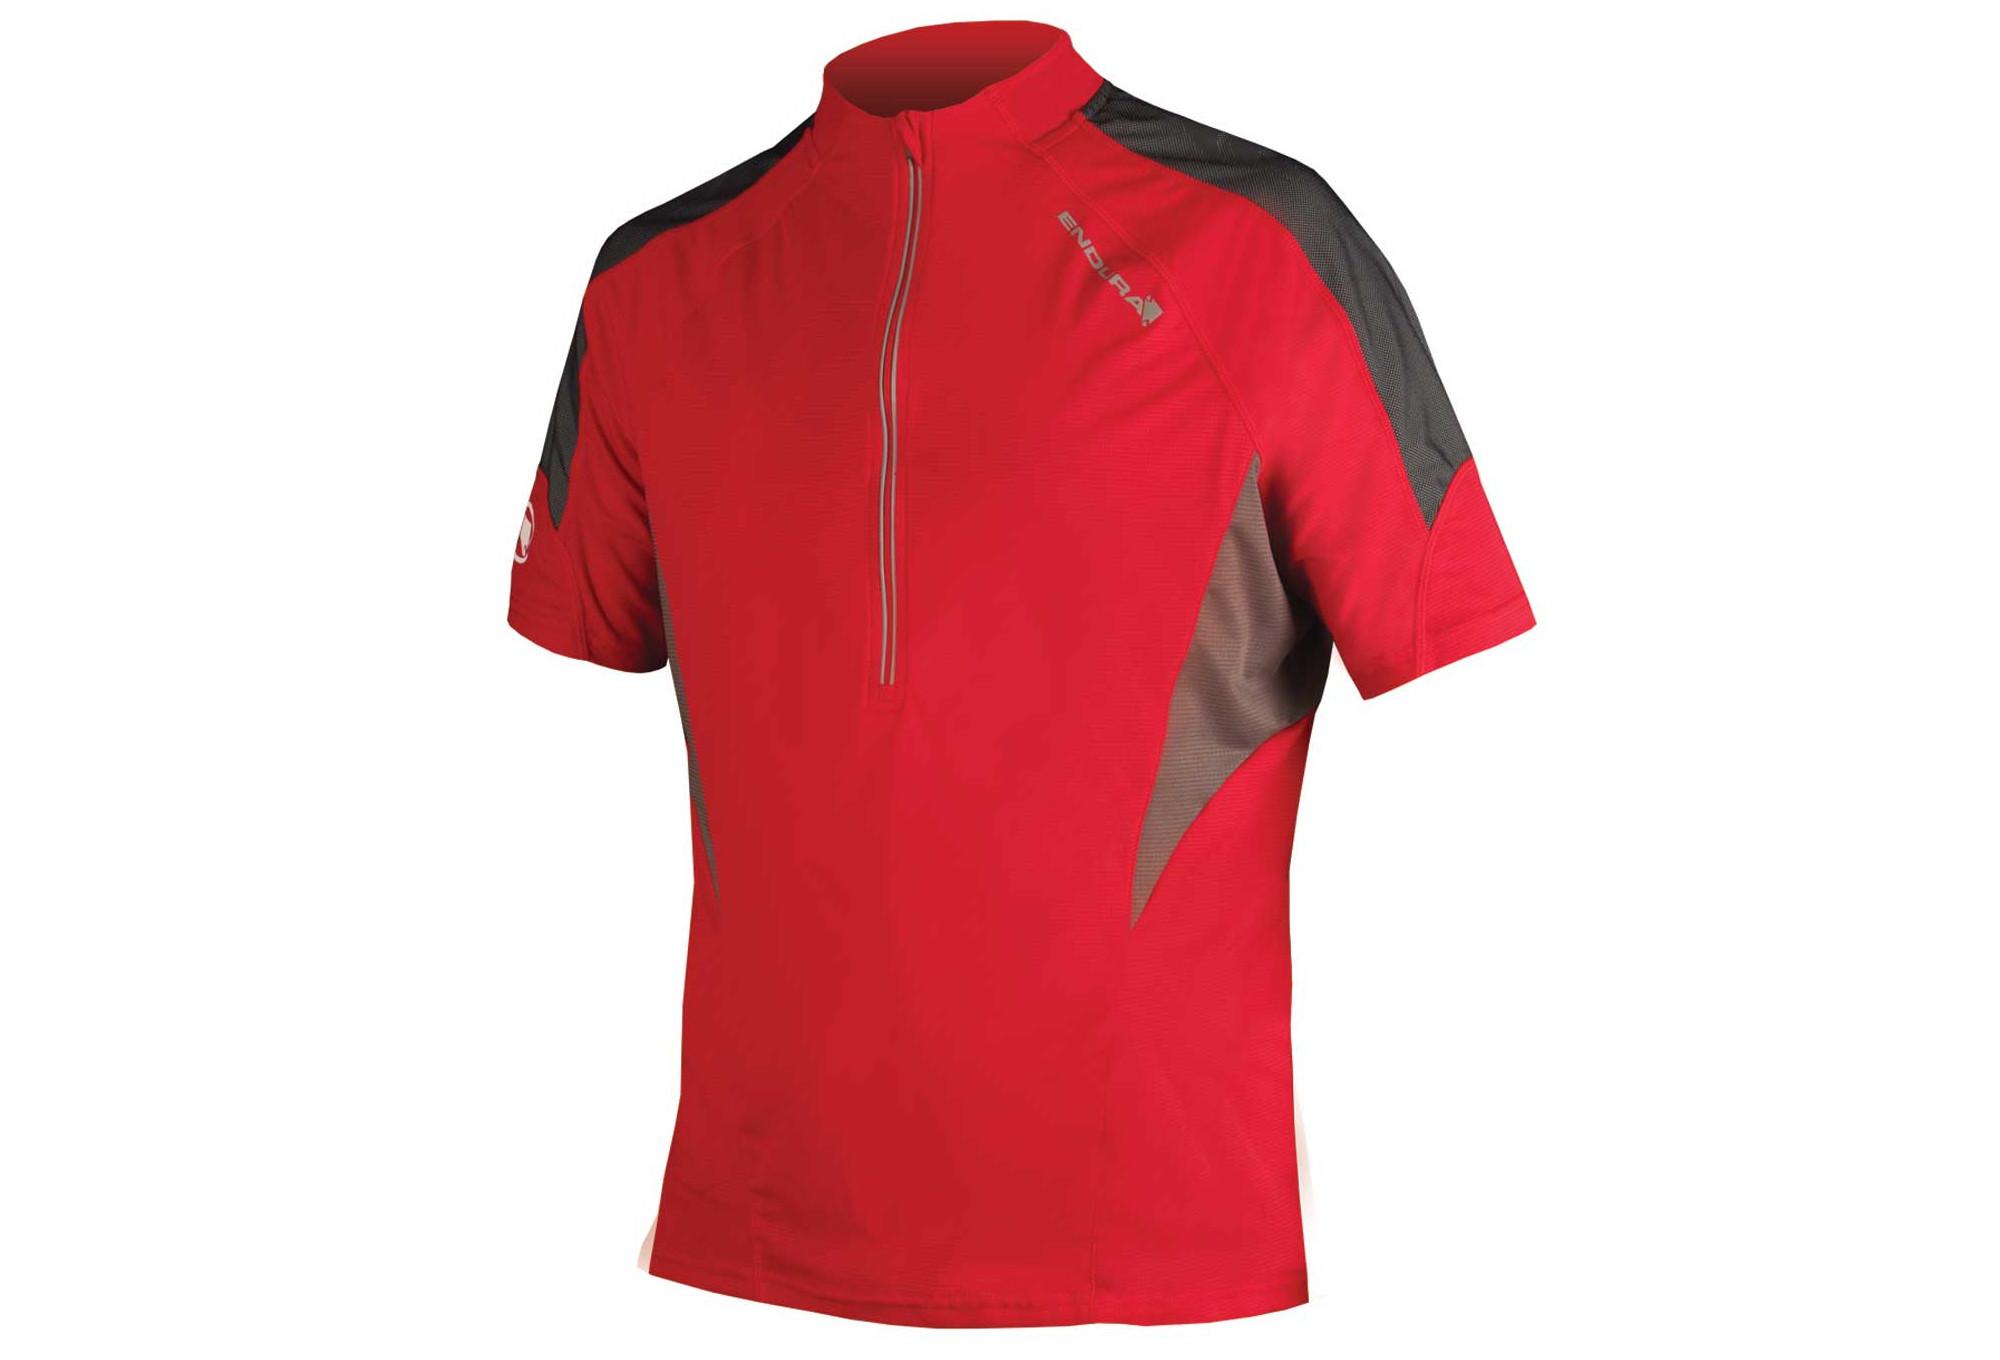 ENDURA short sleeve jersey HUMMVEE LITE Red  bdd2912e2